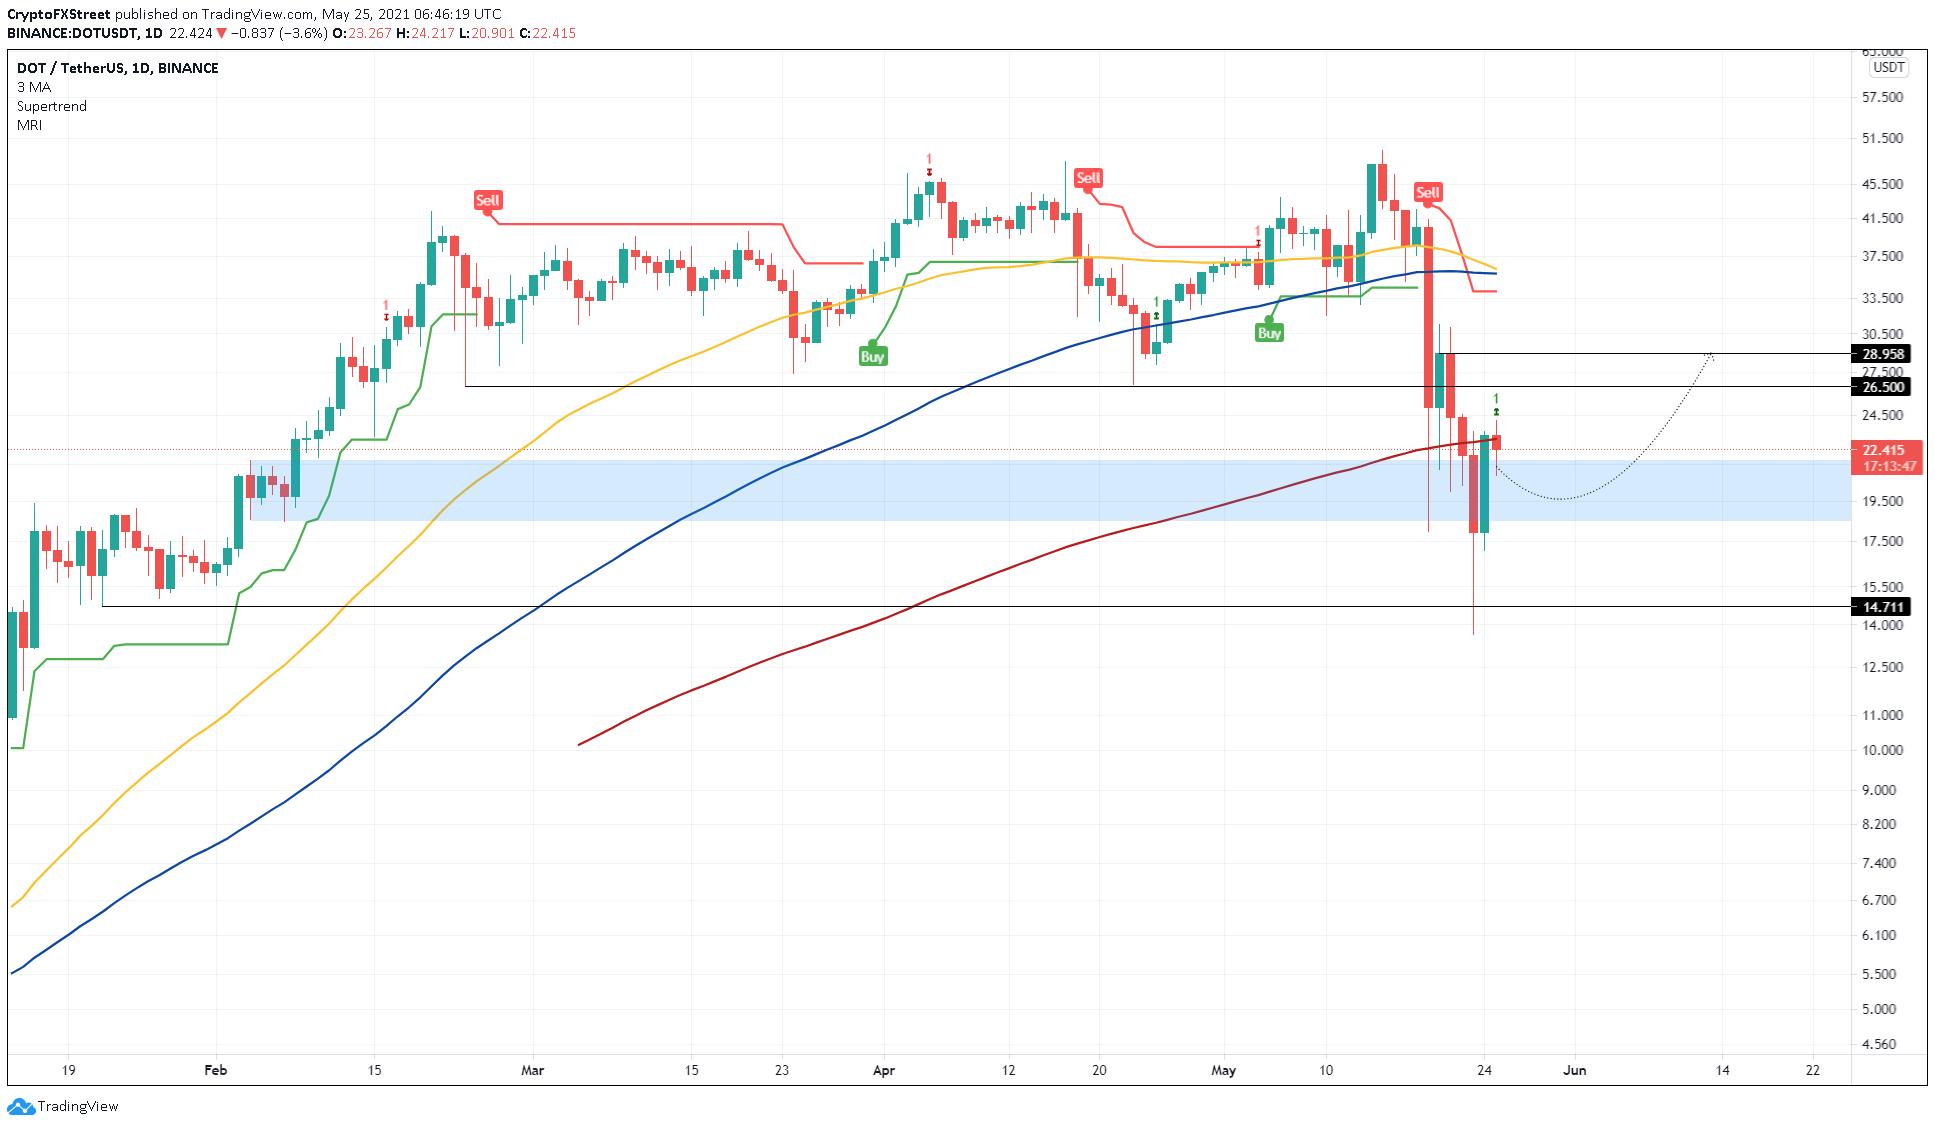 DOT/USDT 1-day chart